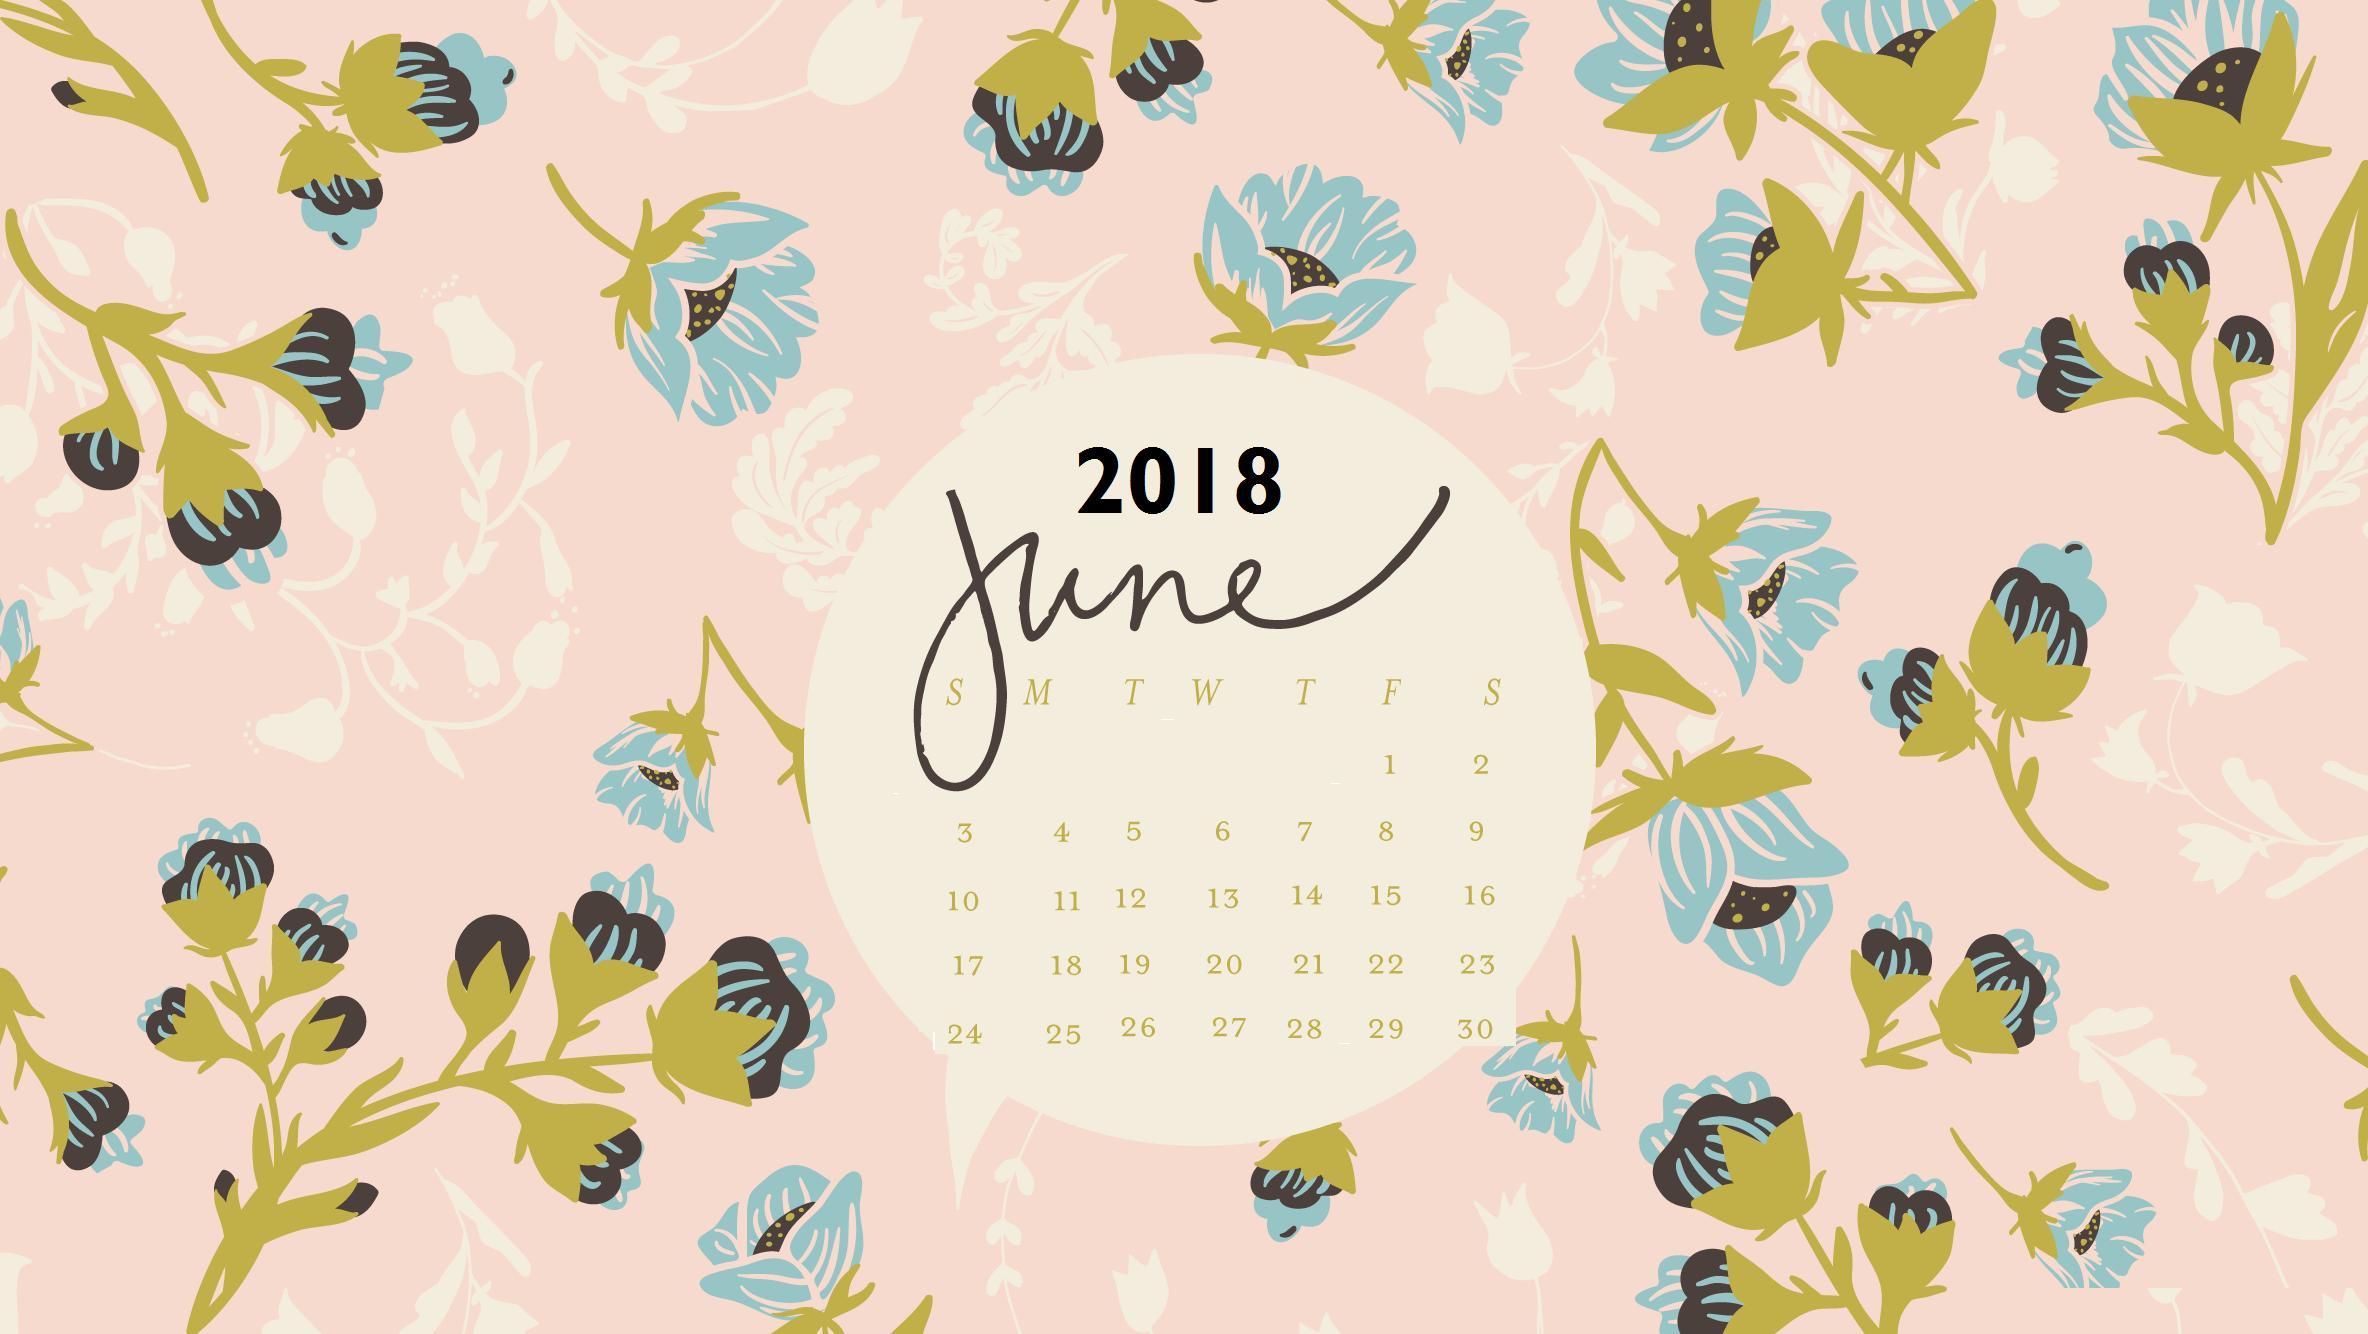 Floral June 2018 Wall Calendar 2368x1334